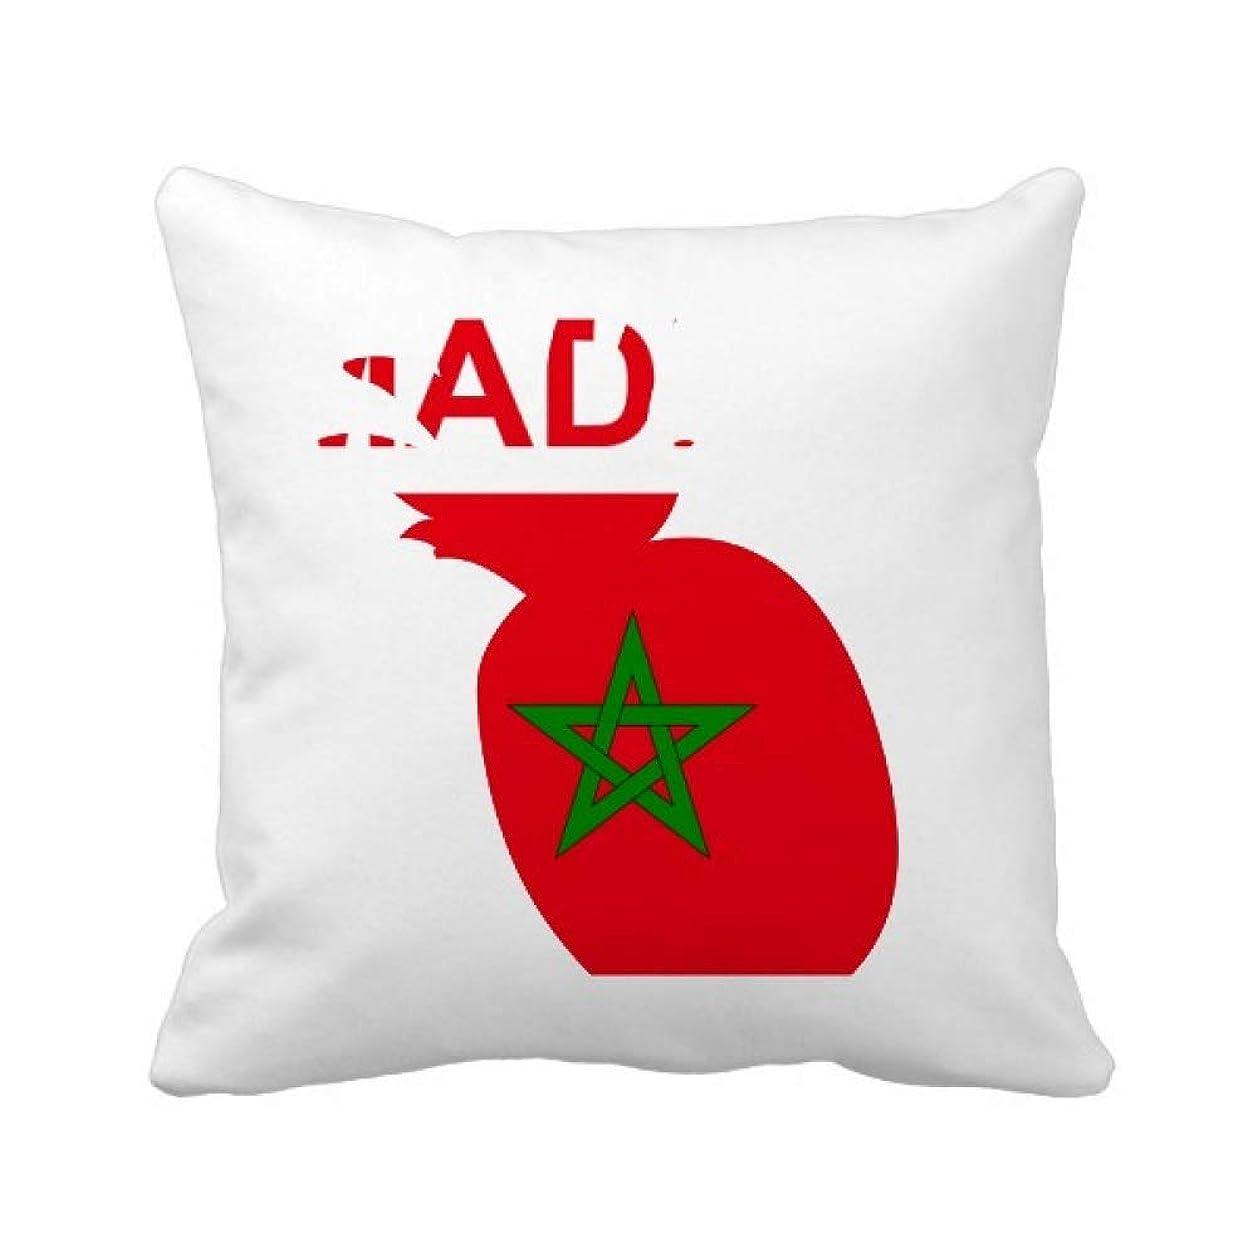 リード宇宙飛行士かろうじてモロッコの国が好きで パイナップル枕カバー正方形を投げる 50cm x 50cm